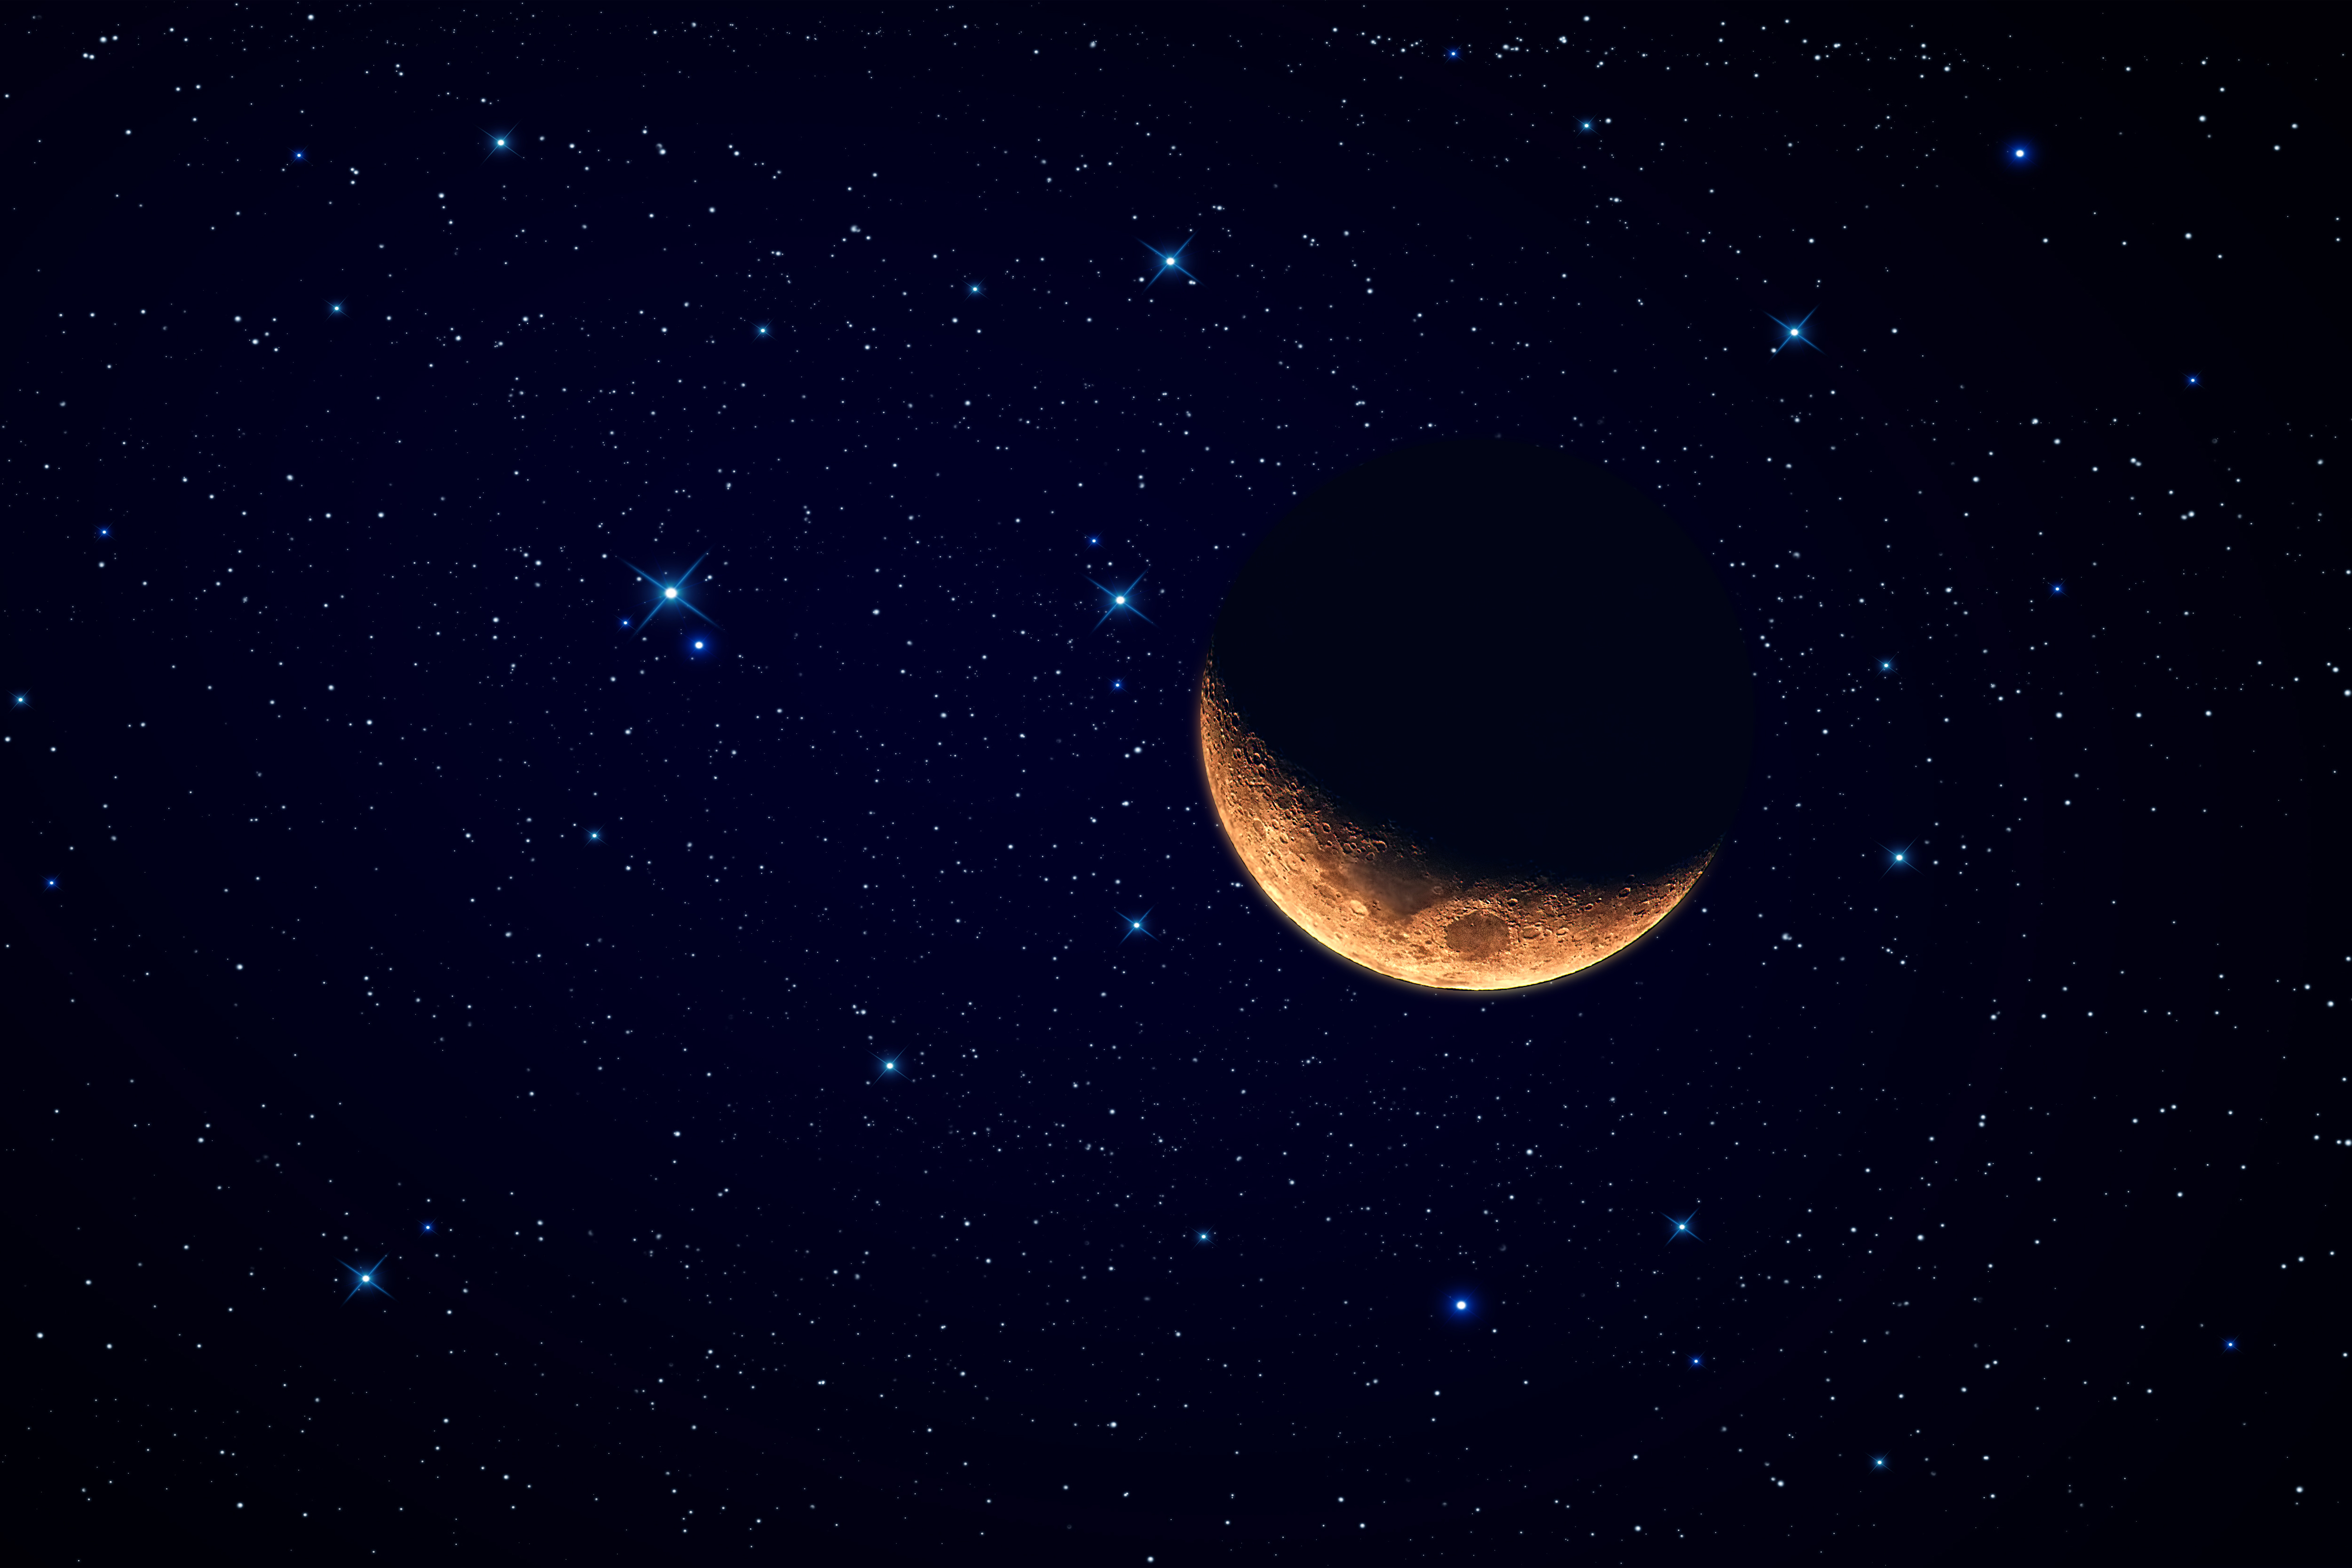 Звезды и луна красивое фото космос 4